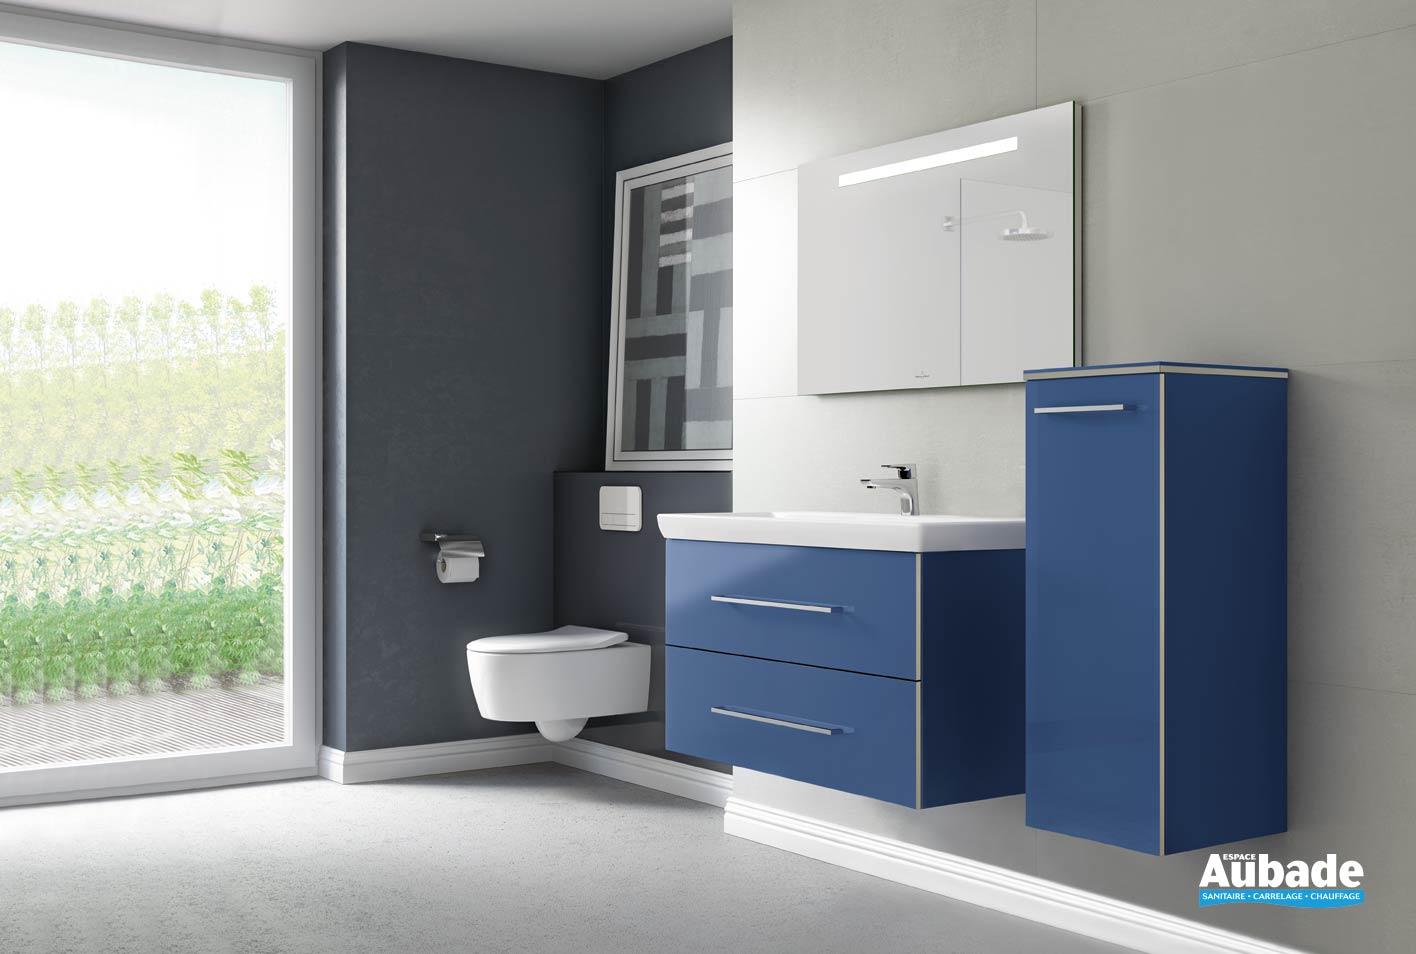 Meuble salle de bain Avento Villeroy & Boch | Espace Aubade